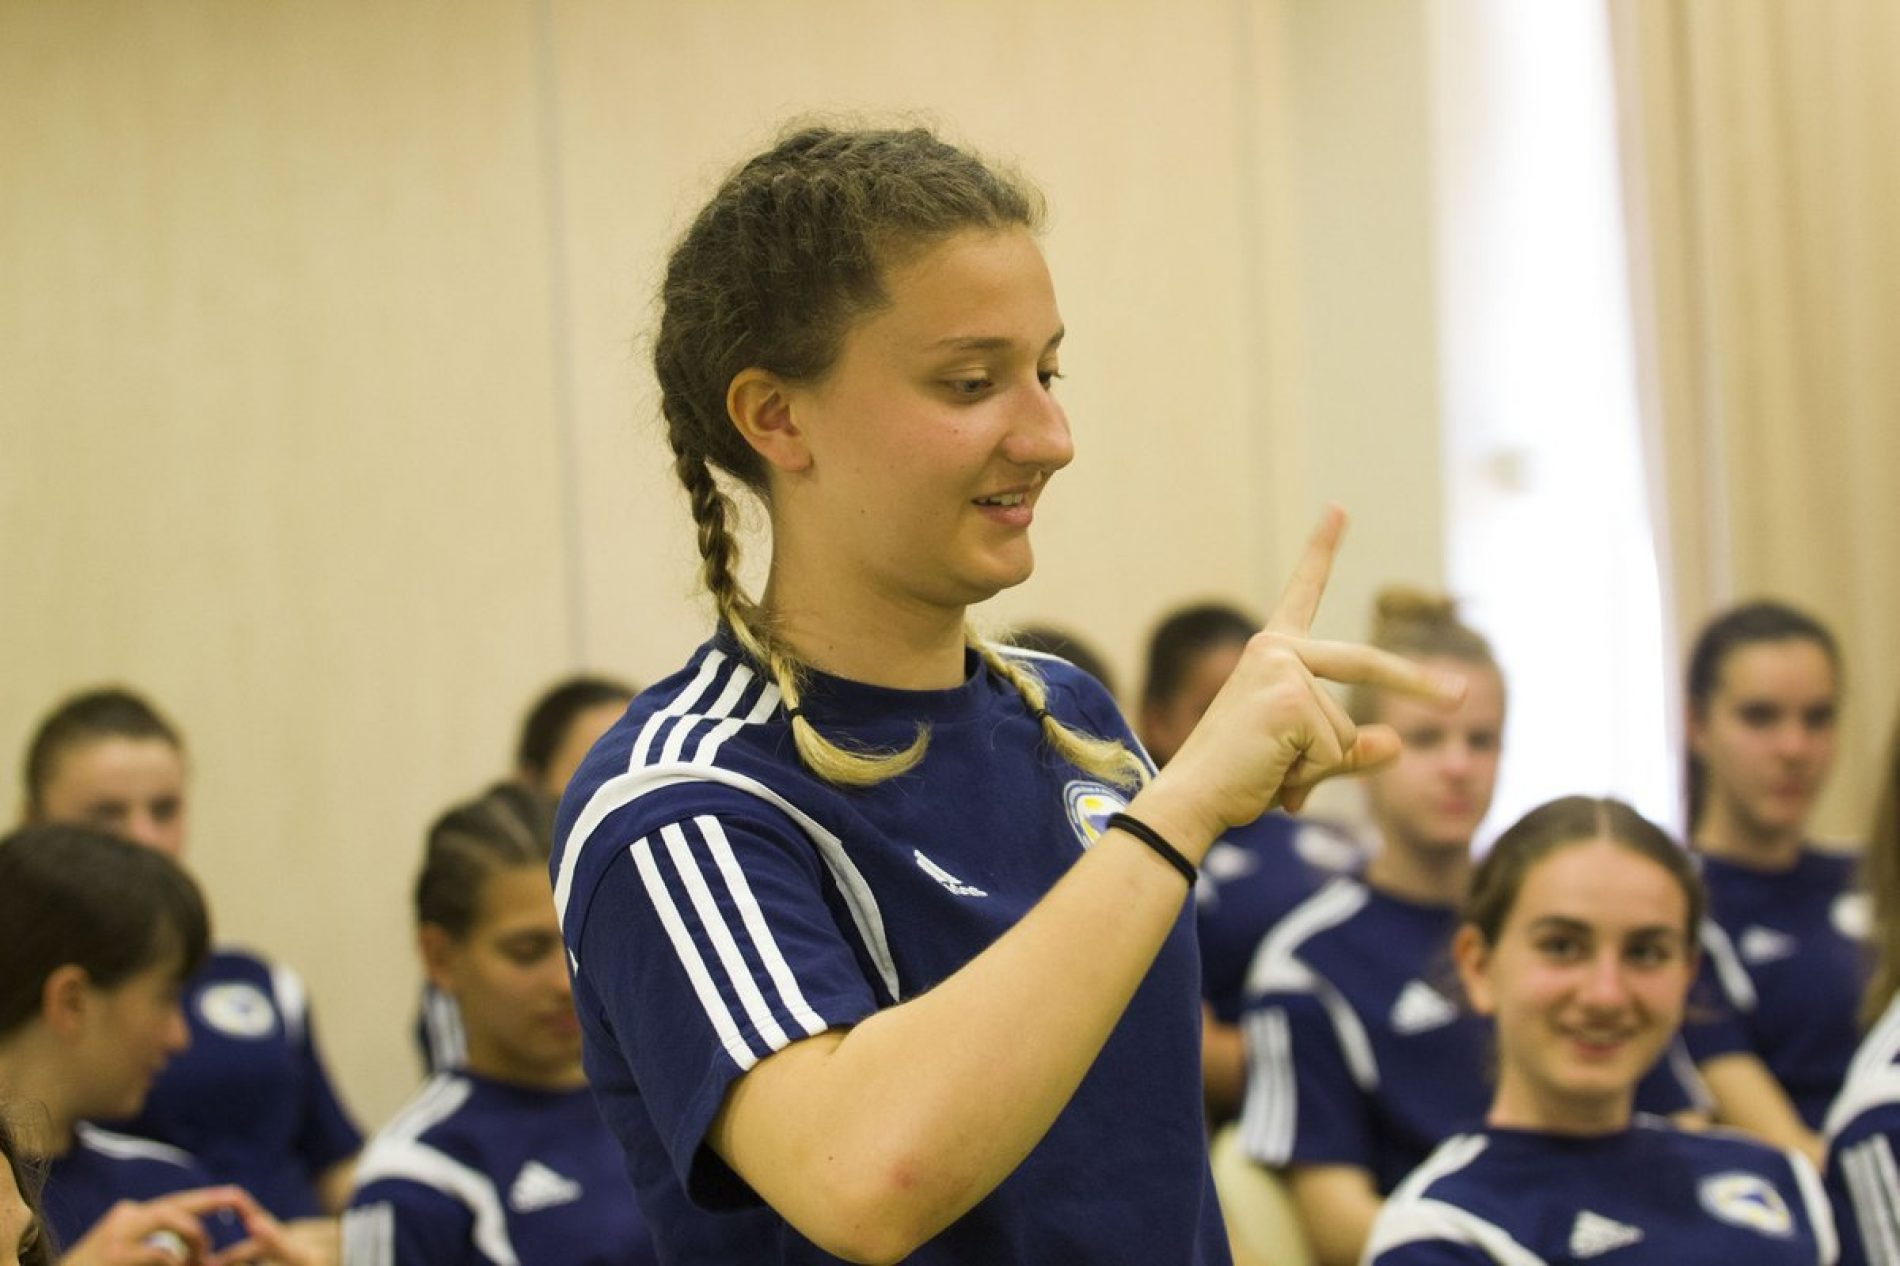 Nogometašice U-16 reprezentacije uče znakovni jezik kako bi komunicirali sa kolegicom